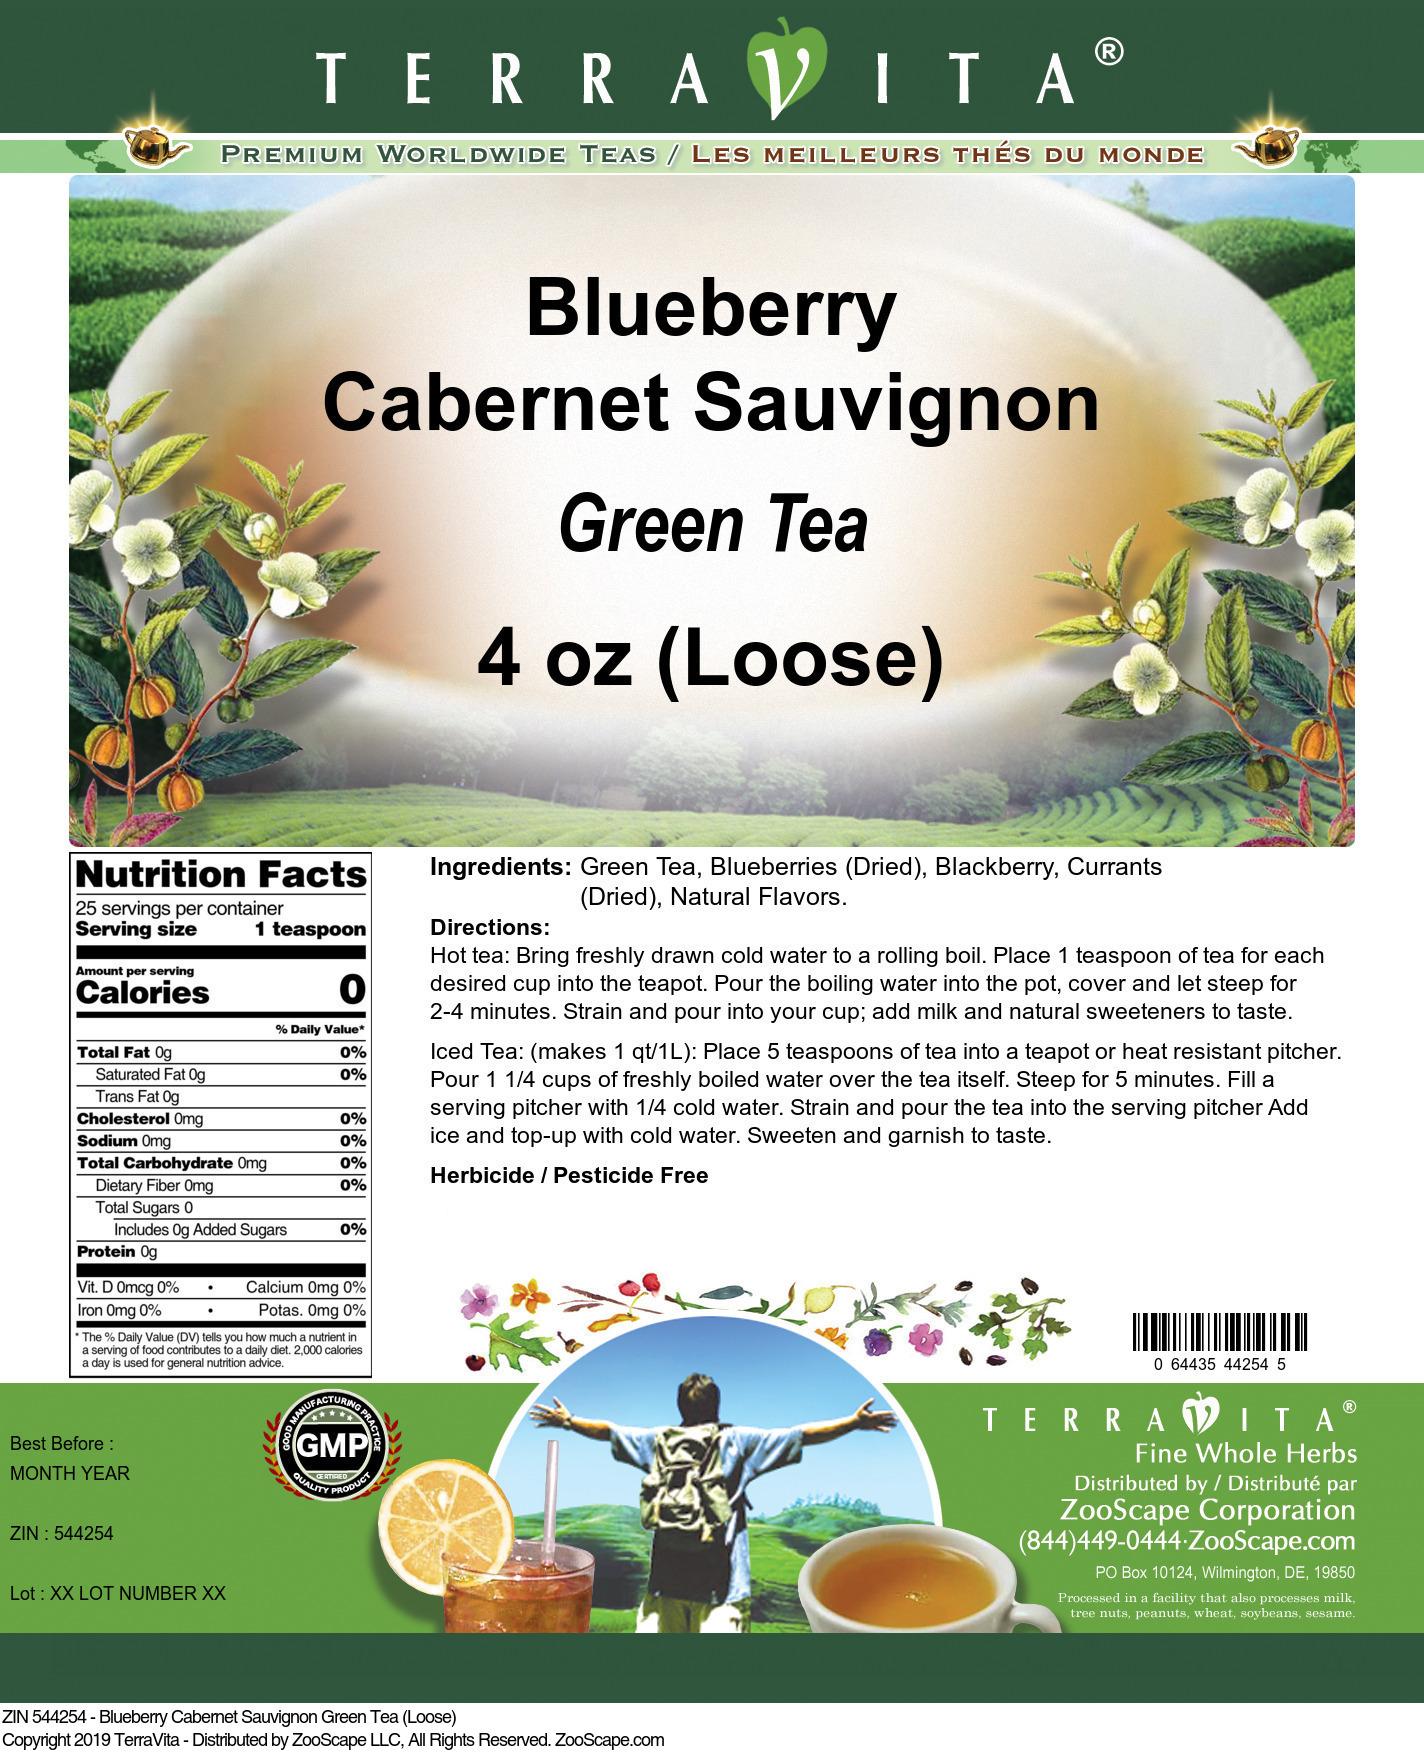 Blueberry Cabernet Sauvignon Green Tea